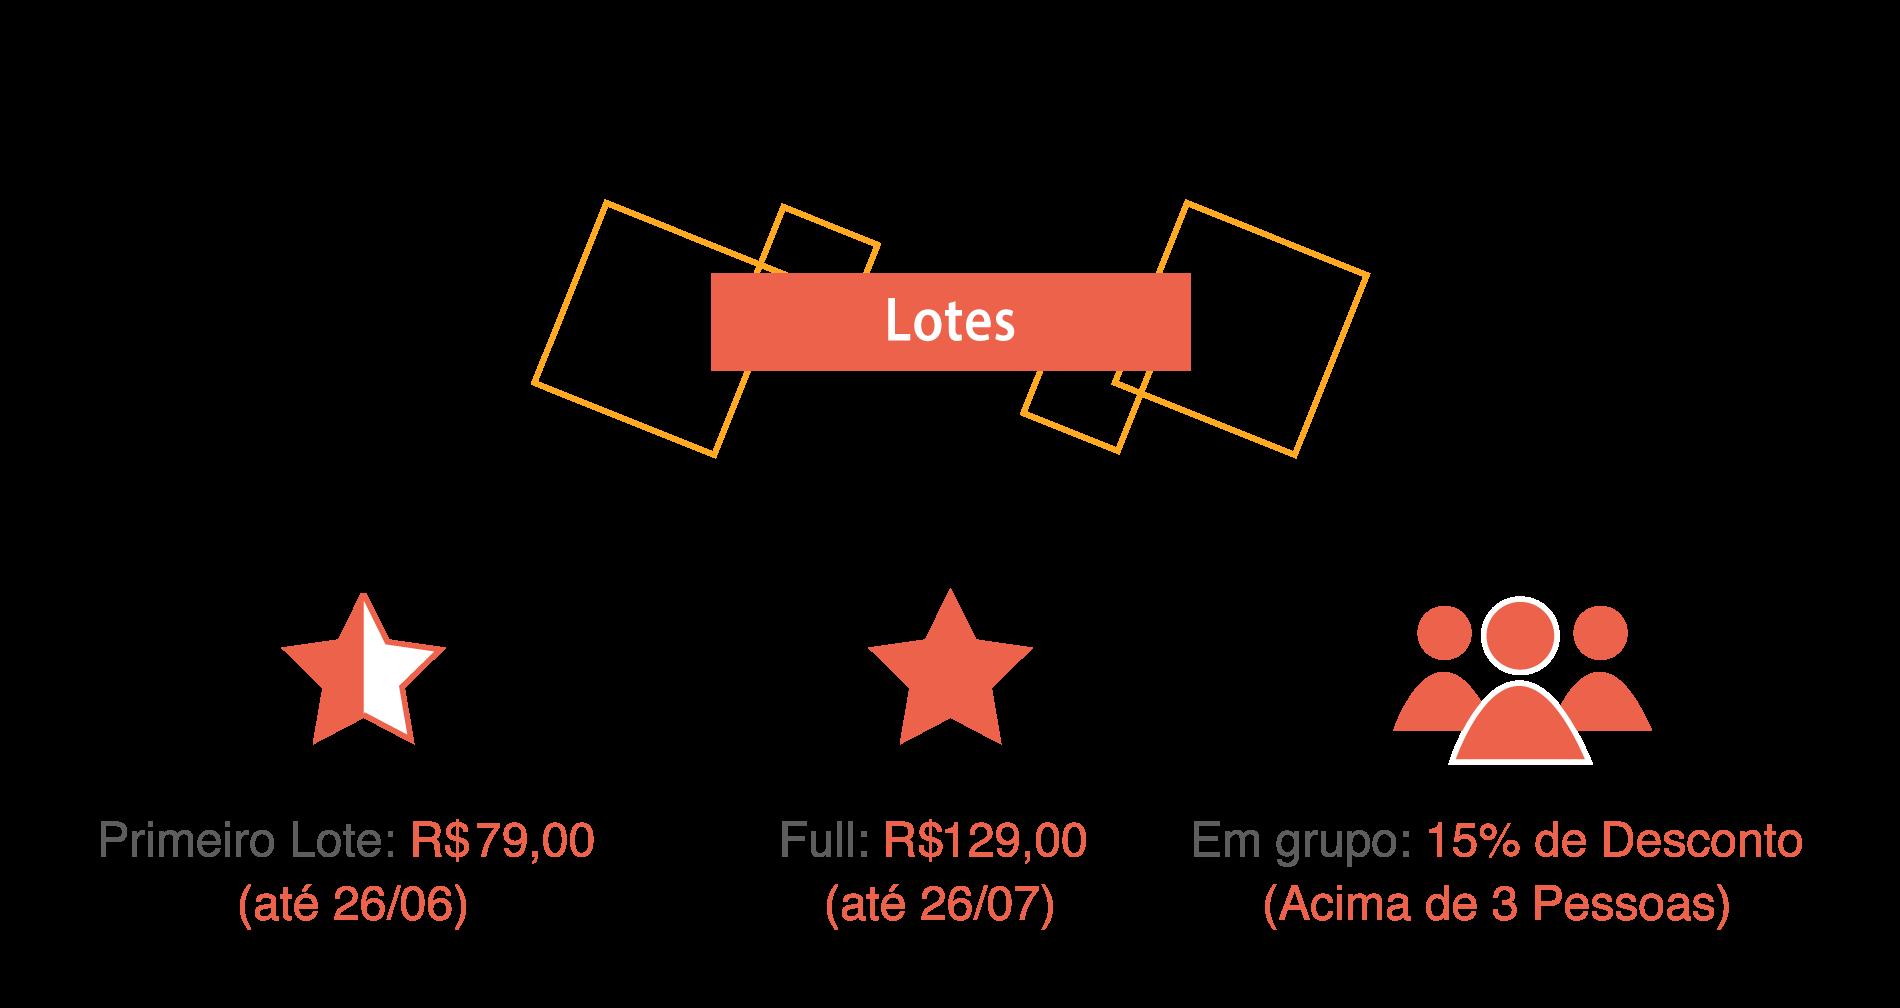 https://www.mestregp.com.br/wp-content/uploads/2018/02/Pagina-FórumBRA-lotes-2-1900x1008.png